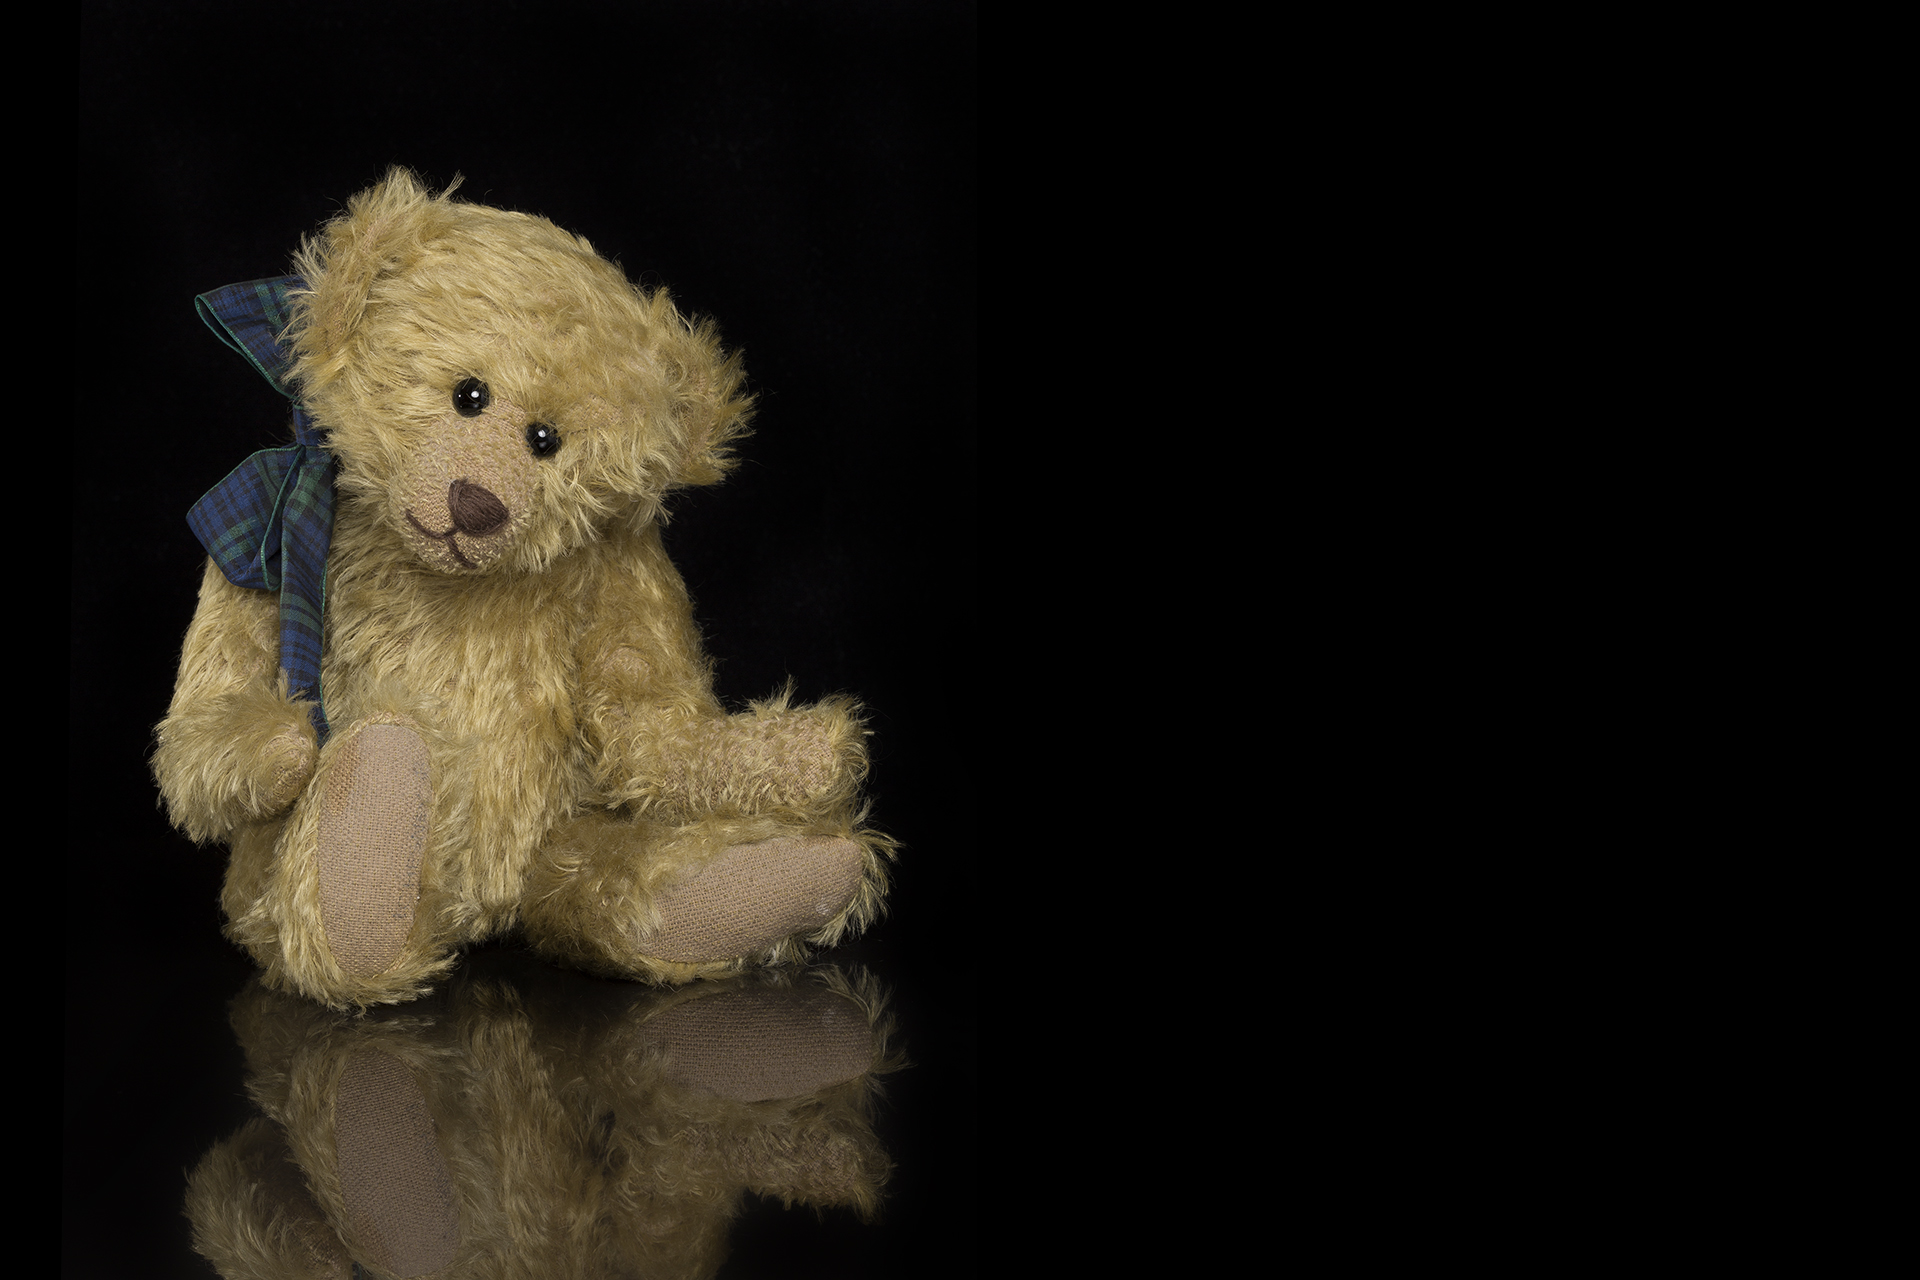 Dill - the Teddy Bear